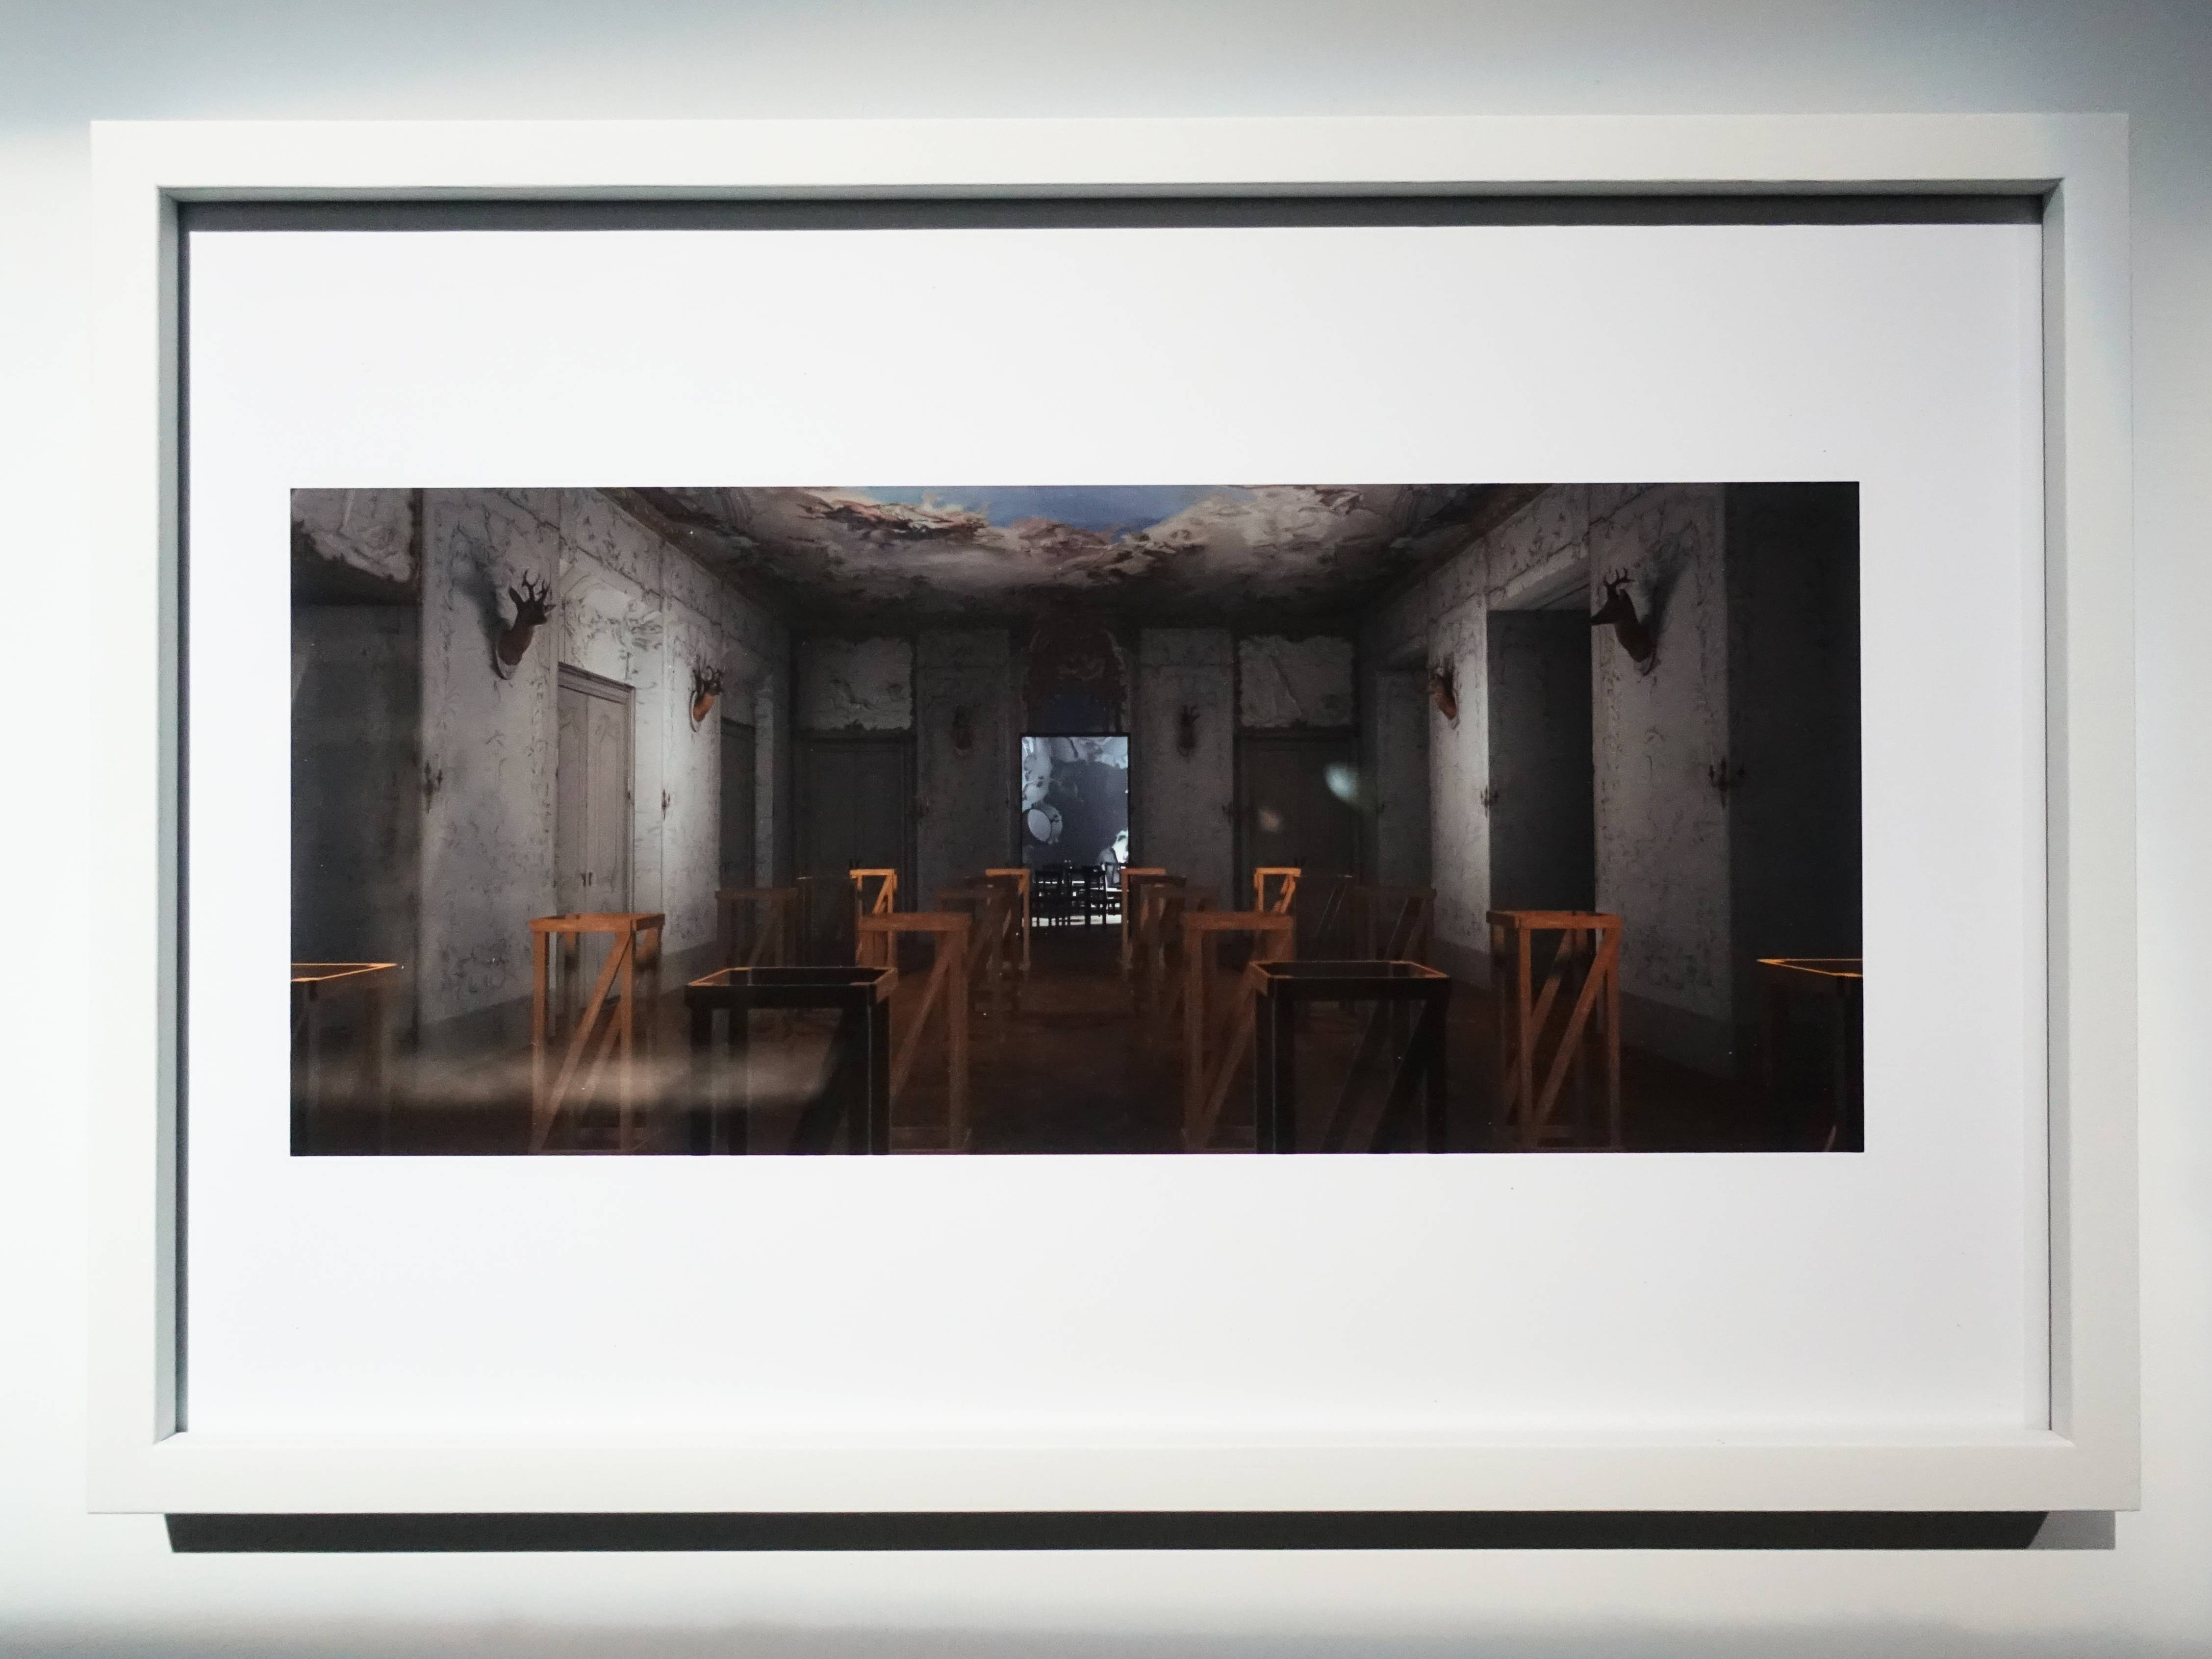 Florian Claar,《Wanderer Frame No.02217 漫遊者 影格No.02217》,20 x 29.7cm,影像輸出,2019。